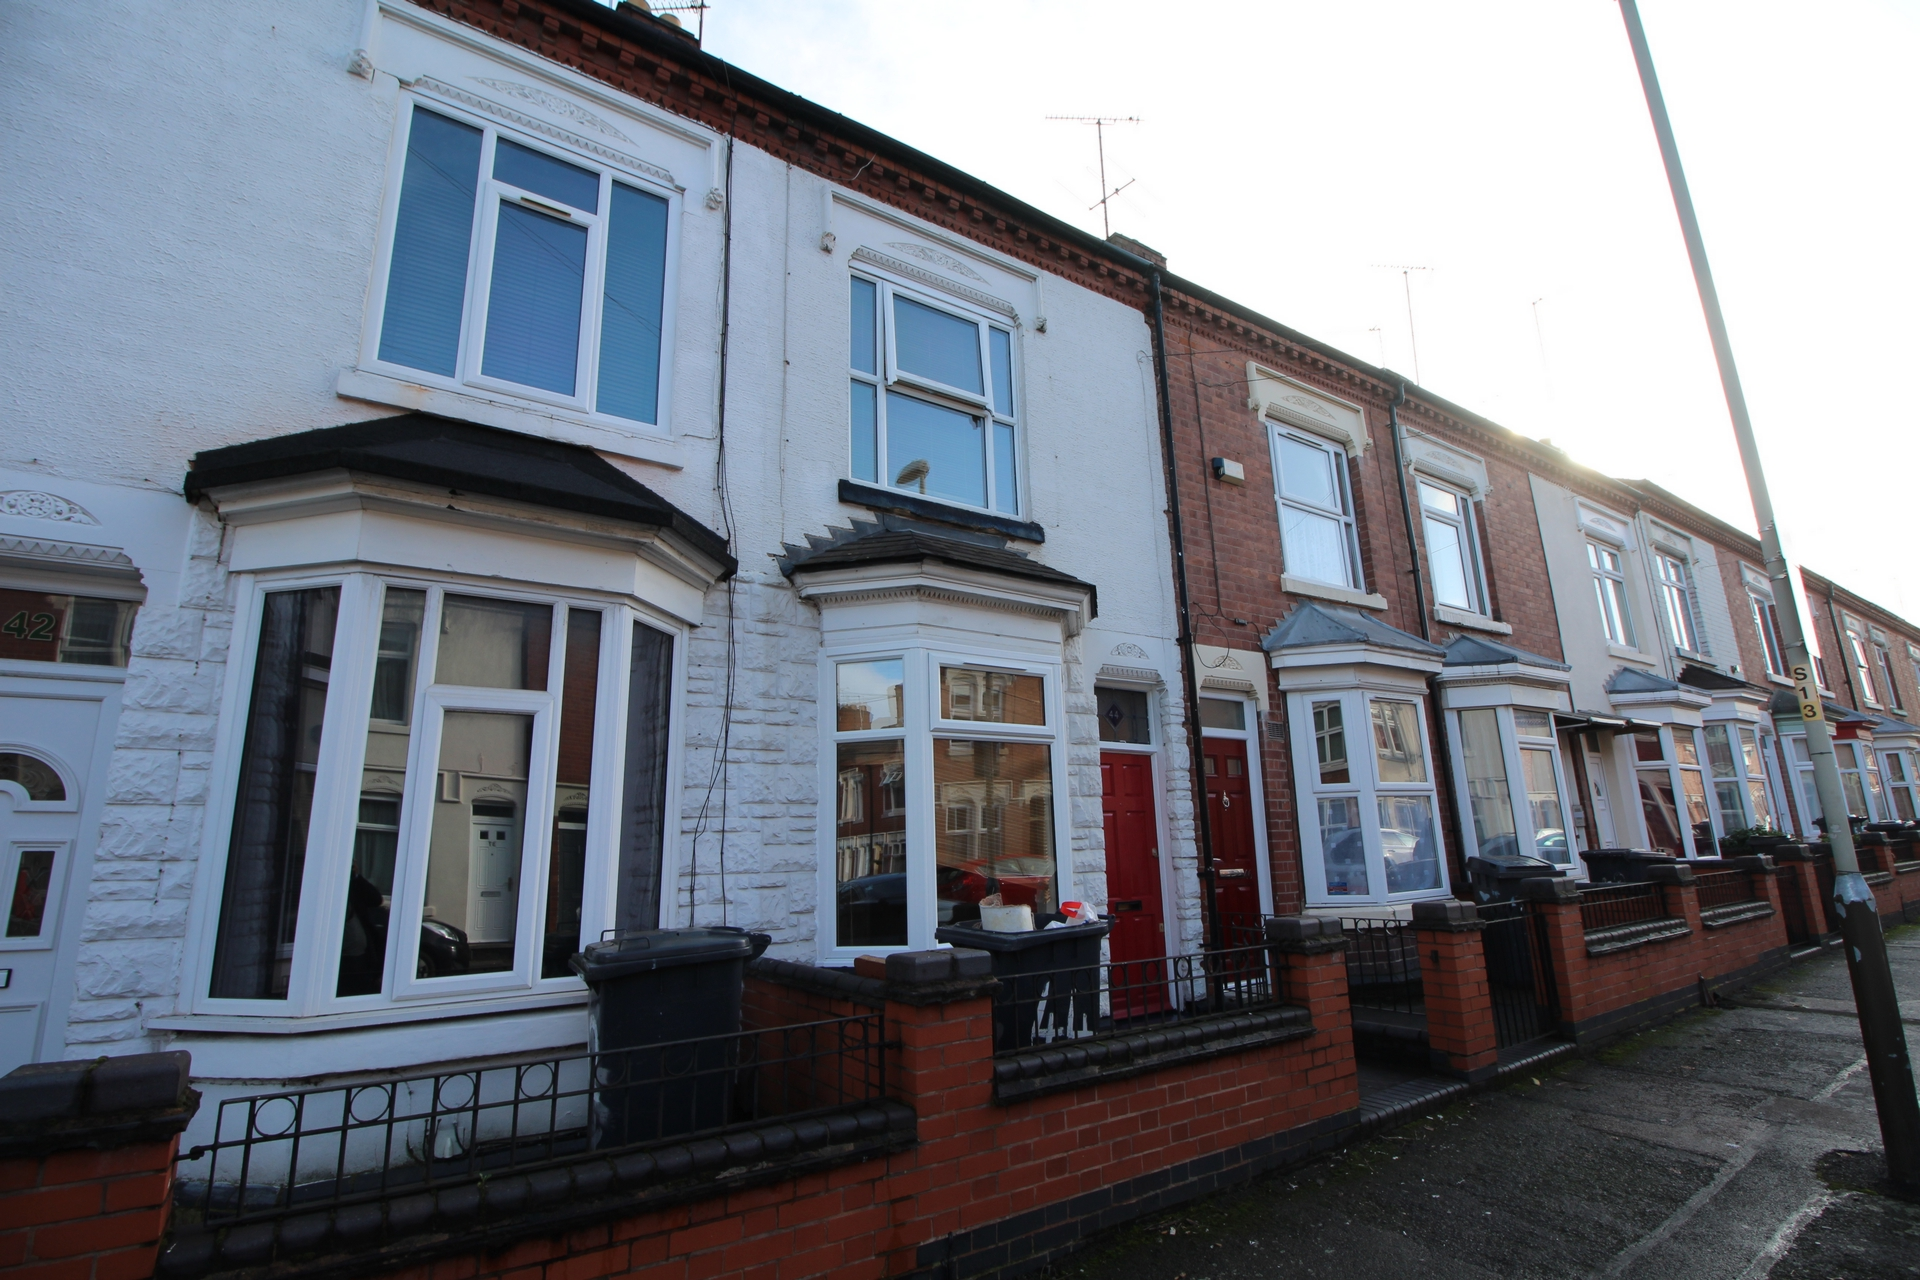 Photo 5, Cranmer Street, Leicester, LE3